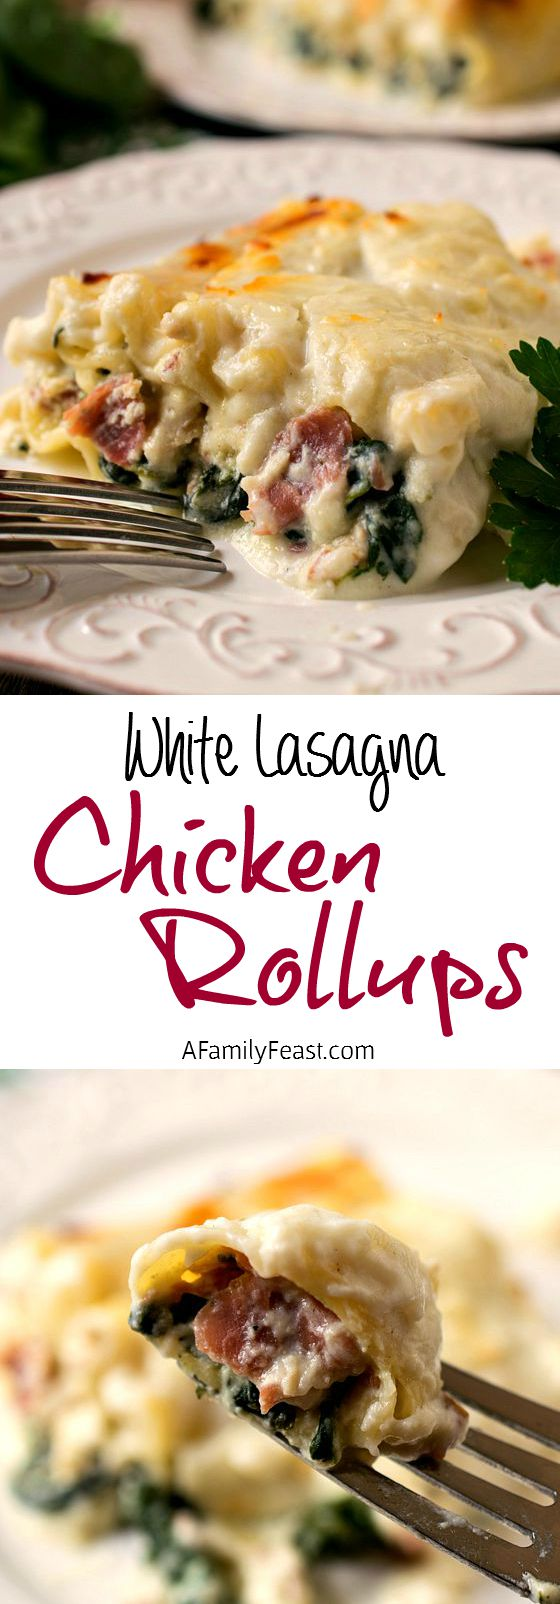 White Lasagna Chicken Rollups - Ultimate creamy, cheesy comfort food! Lasagna with chicken, prosciutto, and spinach in a cream sauce. Delicious!